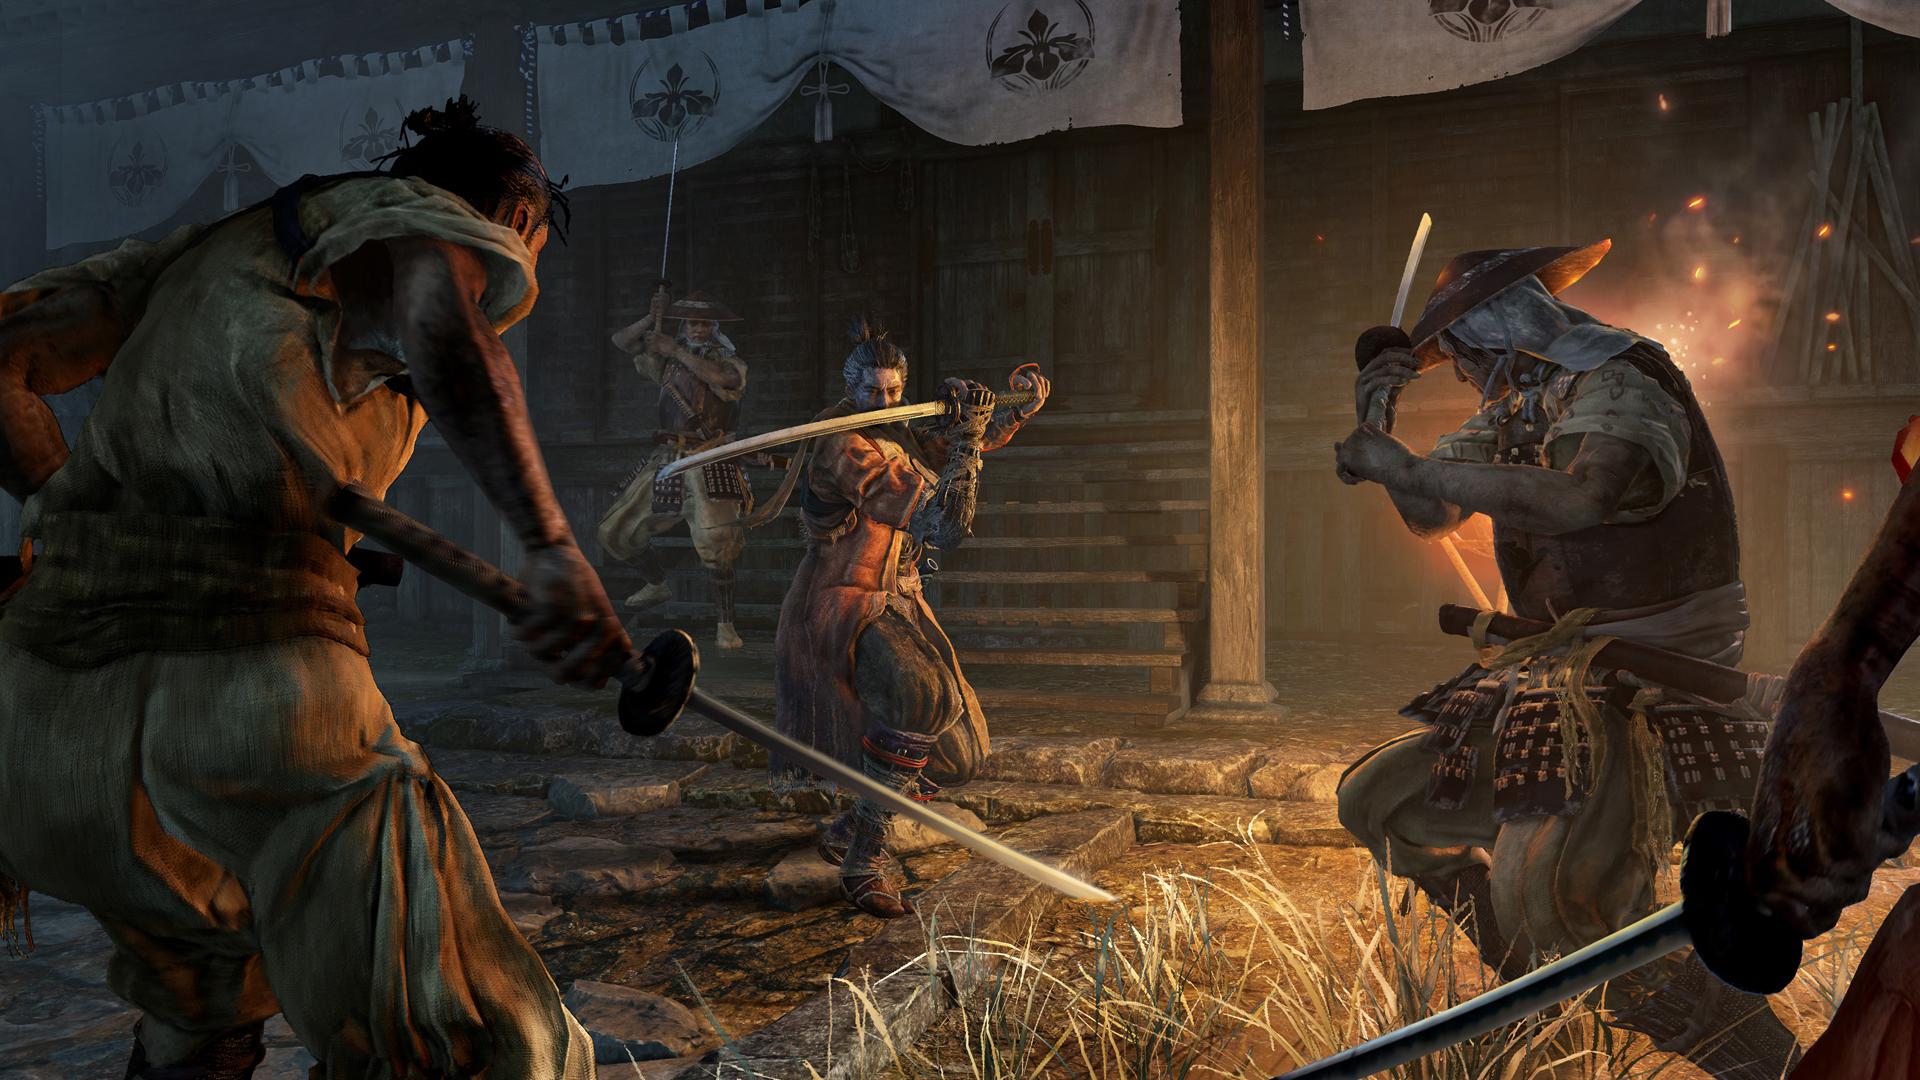 Un mod de Sekiro: Shadows Die Twice te permite terminar fácilmente el juego